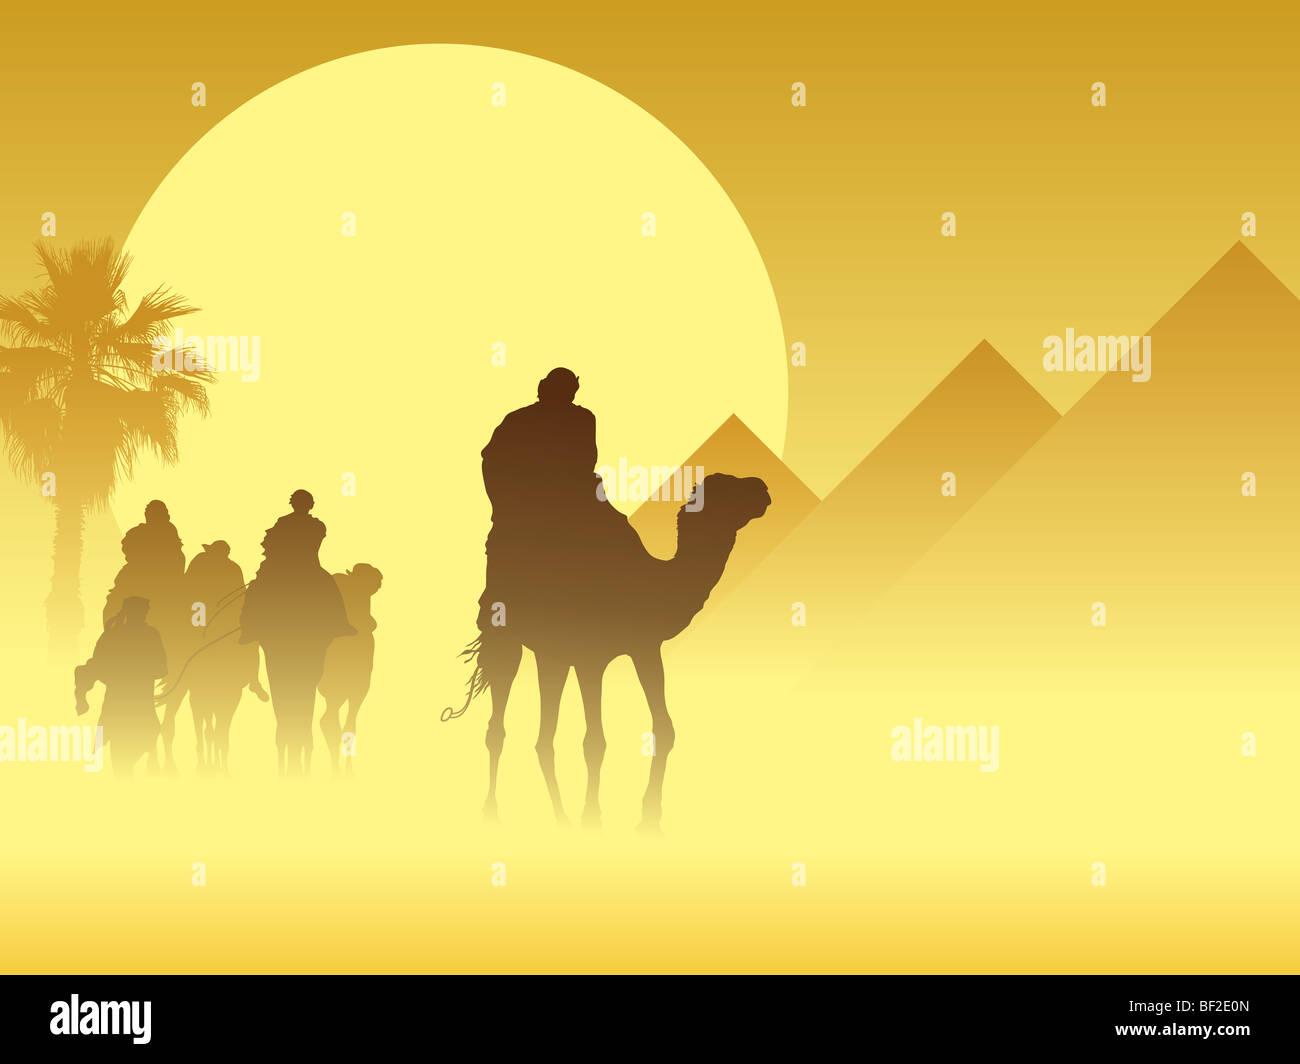 Caravana de camellos atravesando la tormenta de arena cerca de las pirámides Imagen De Stock